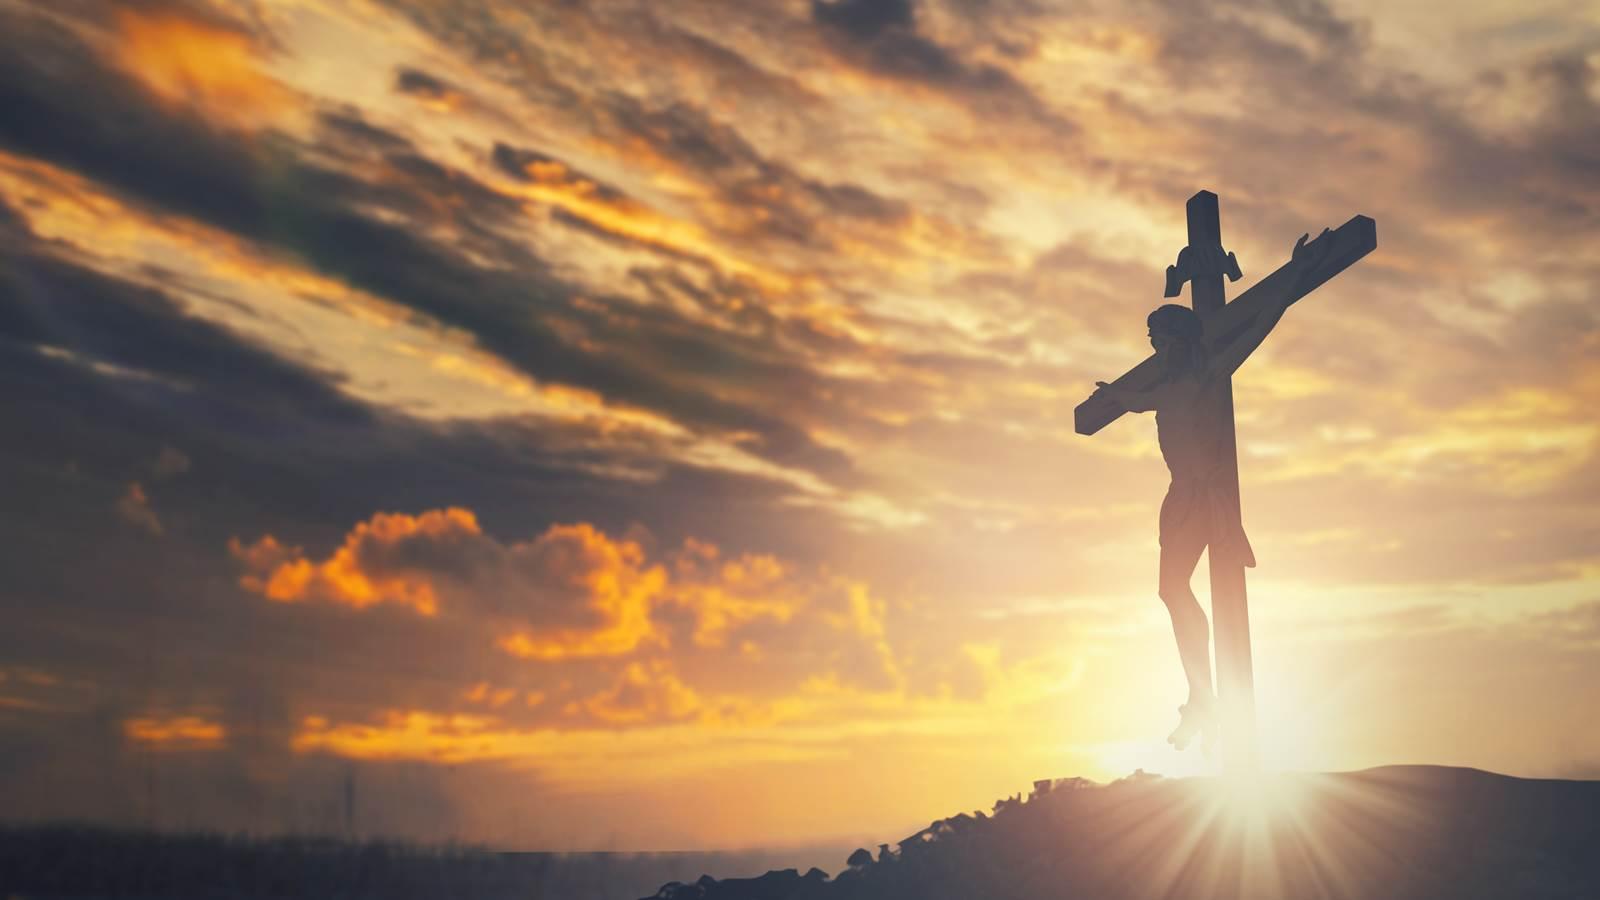 THIÊN CHÚA CỨU CHUỘC THẾ GIAN BẰNG TÌNH YÊU